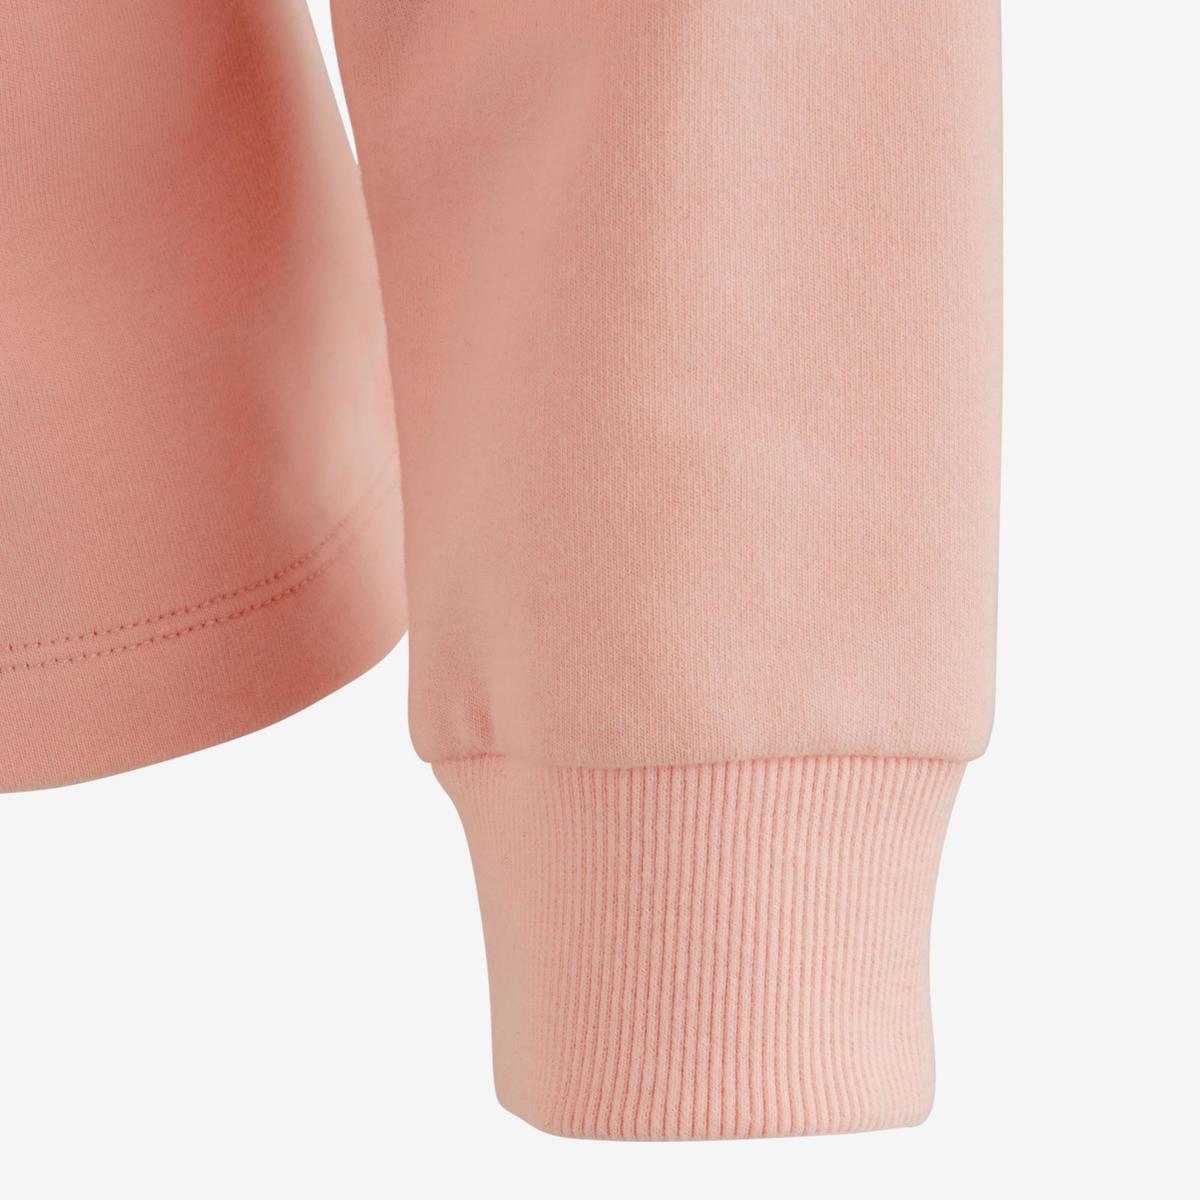 Bild 5 von Sweatshirt 100 Gym Mädchen rosa